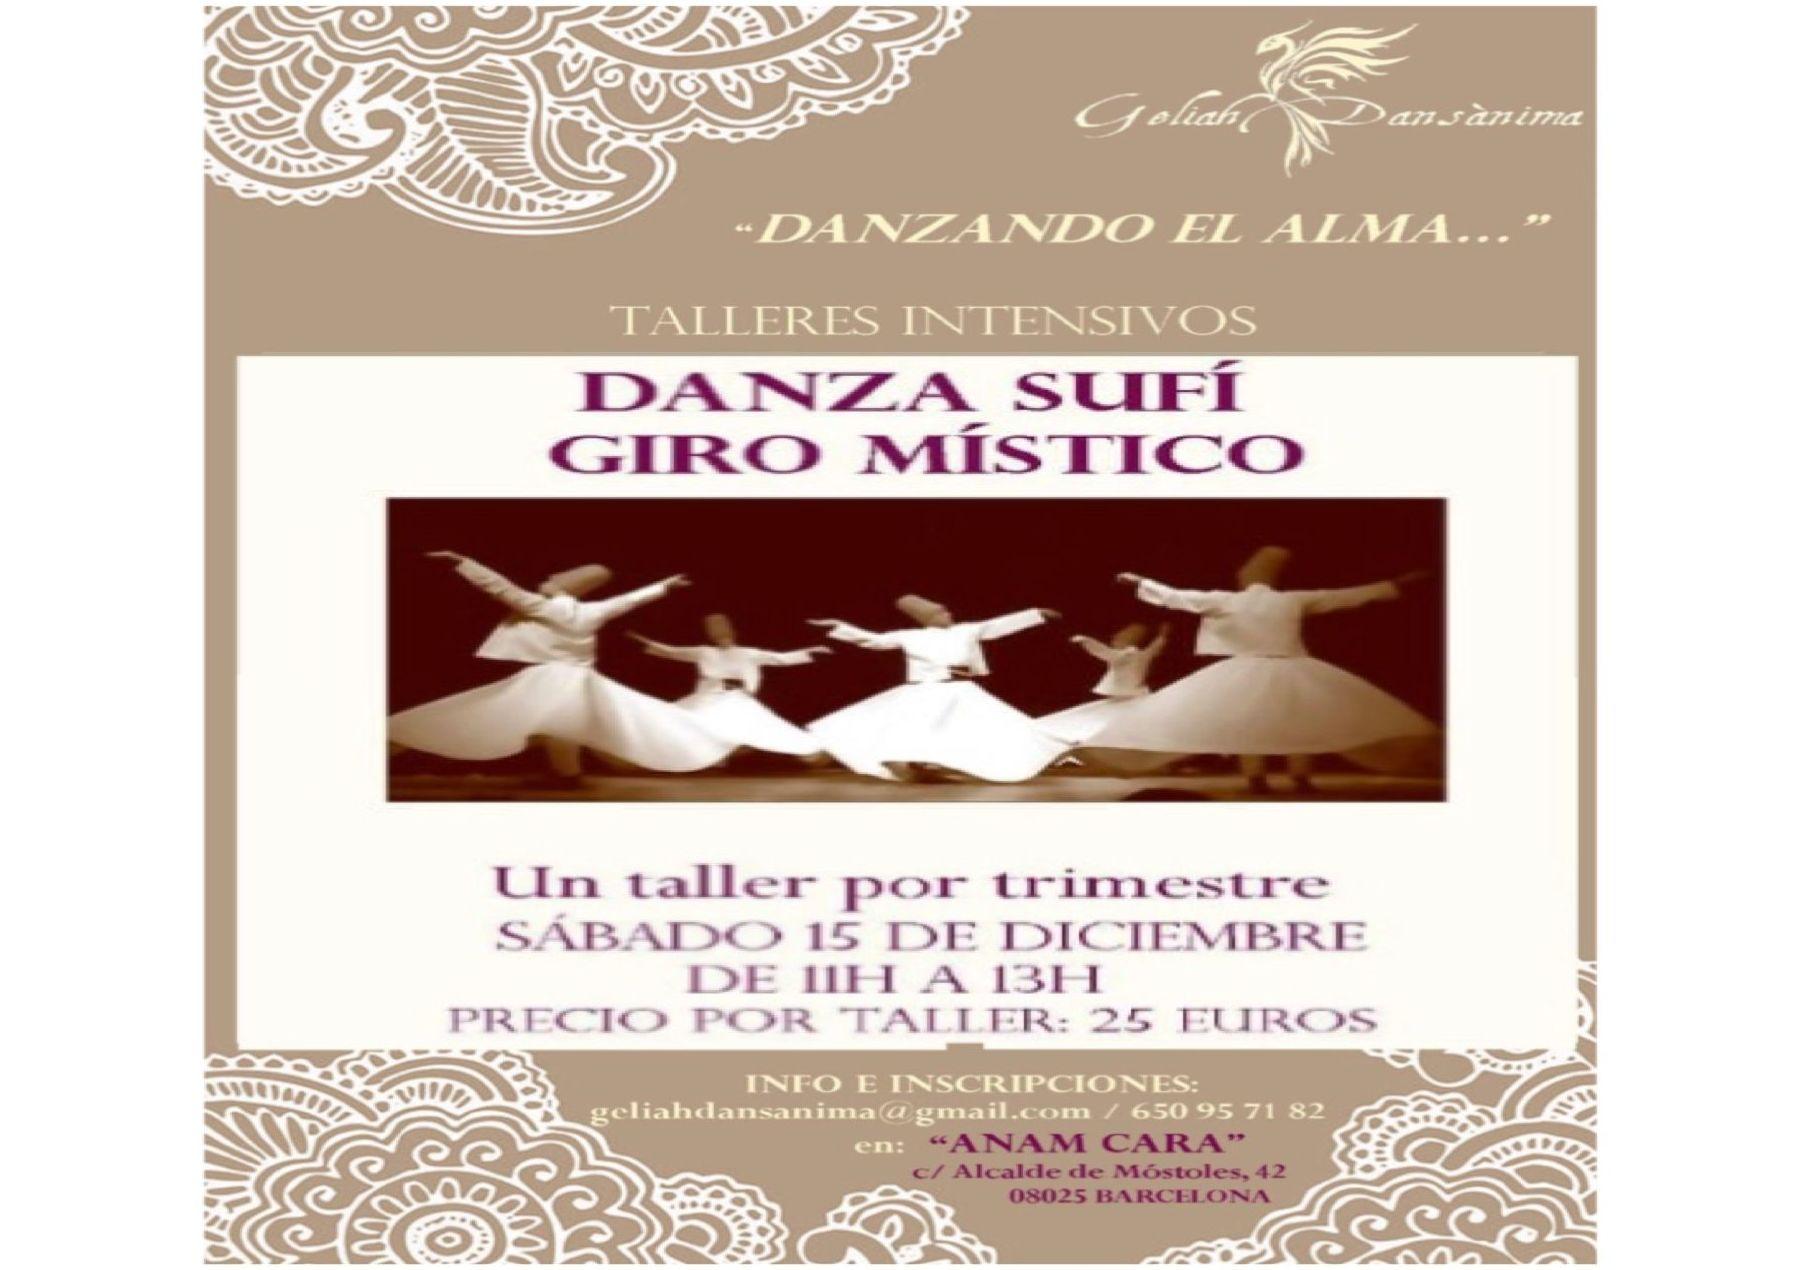 Danza Sufí, Giro Místico, sábado 15 de diciembre de 11h a 13h